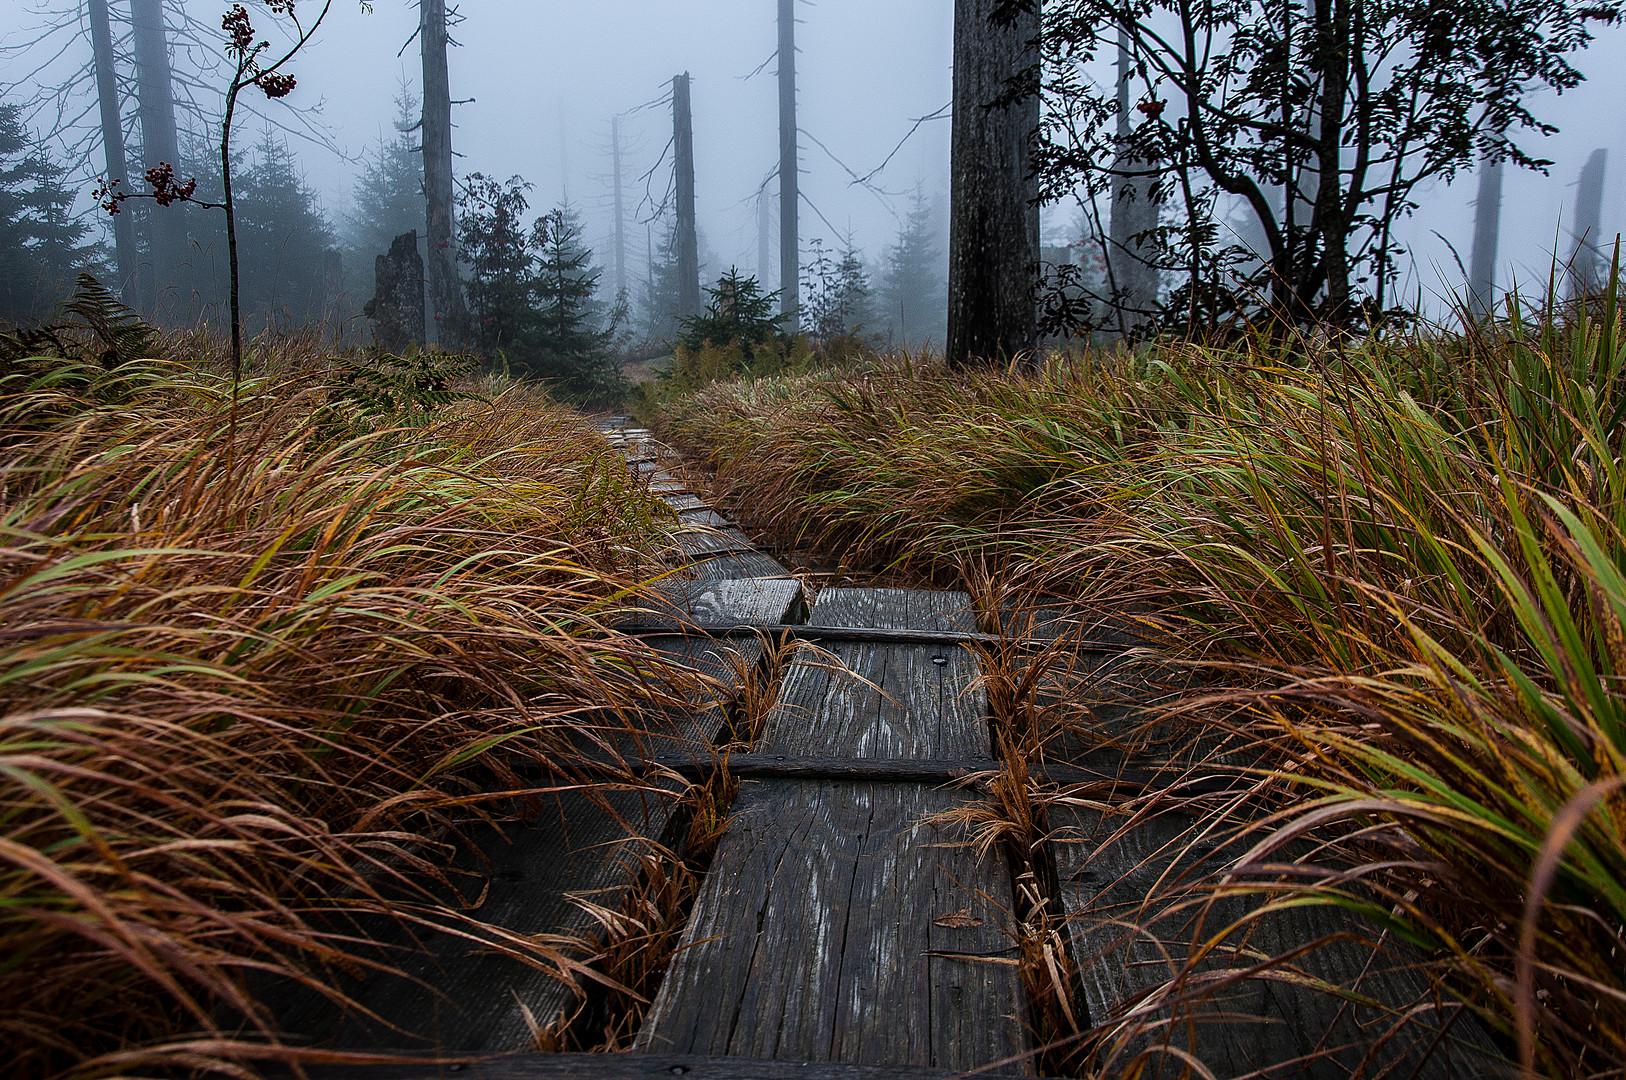 Der Weg im Nebel